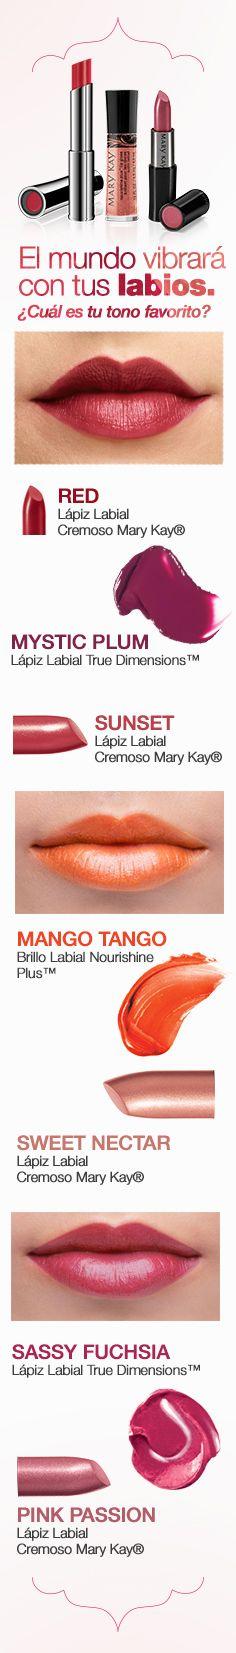 Haz que tus labios se vean irresistibles con los tonos que te harán brillar cada día de una manera única. Descubre más colores y texturas en www.marykay.com.co ¡Nunca dejes de resaltar tu belleza!